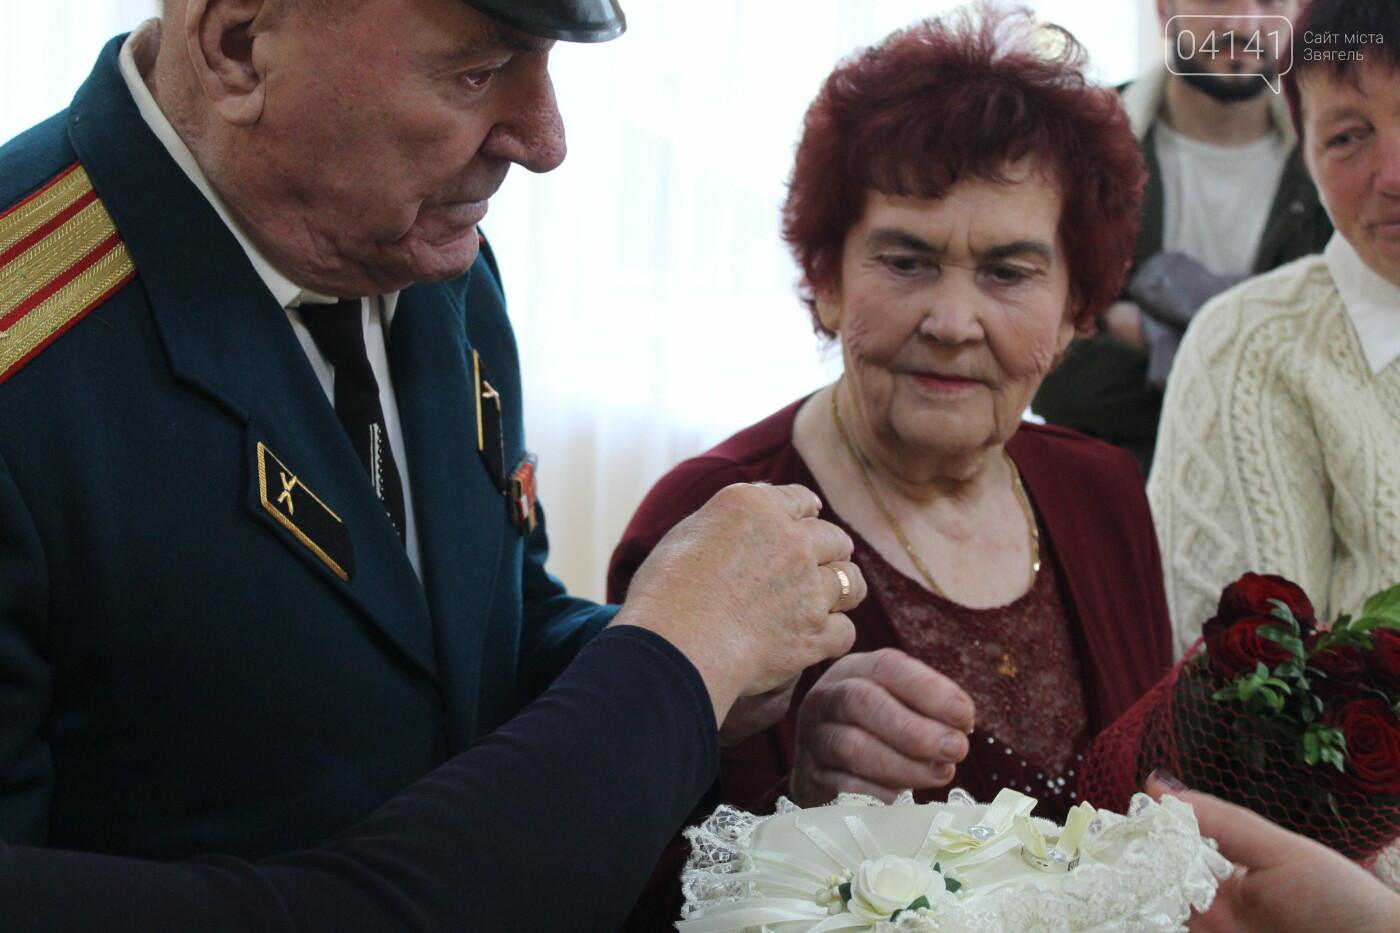 Коханню всі віки підвладні: У Новограді-Волинському побралася 80-ти літня пара (ФОТО, ВІДЕО), фото-10